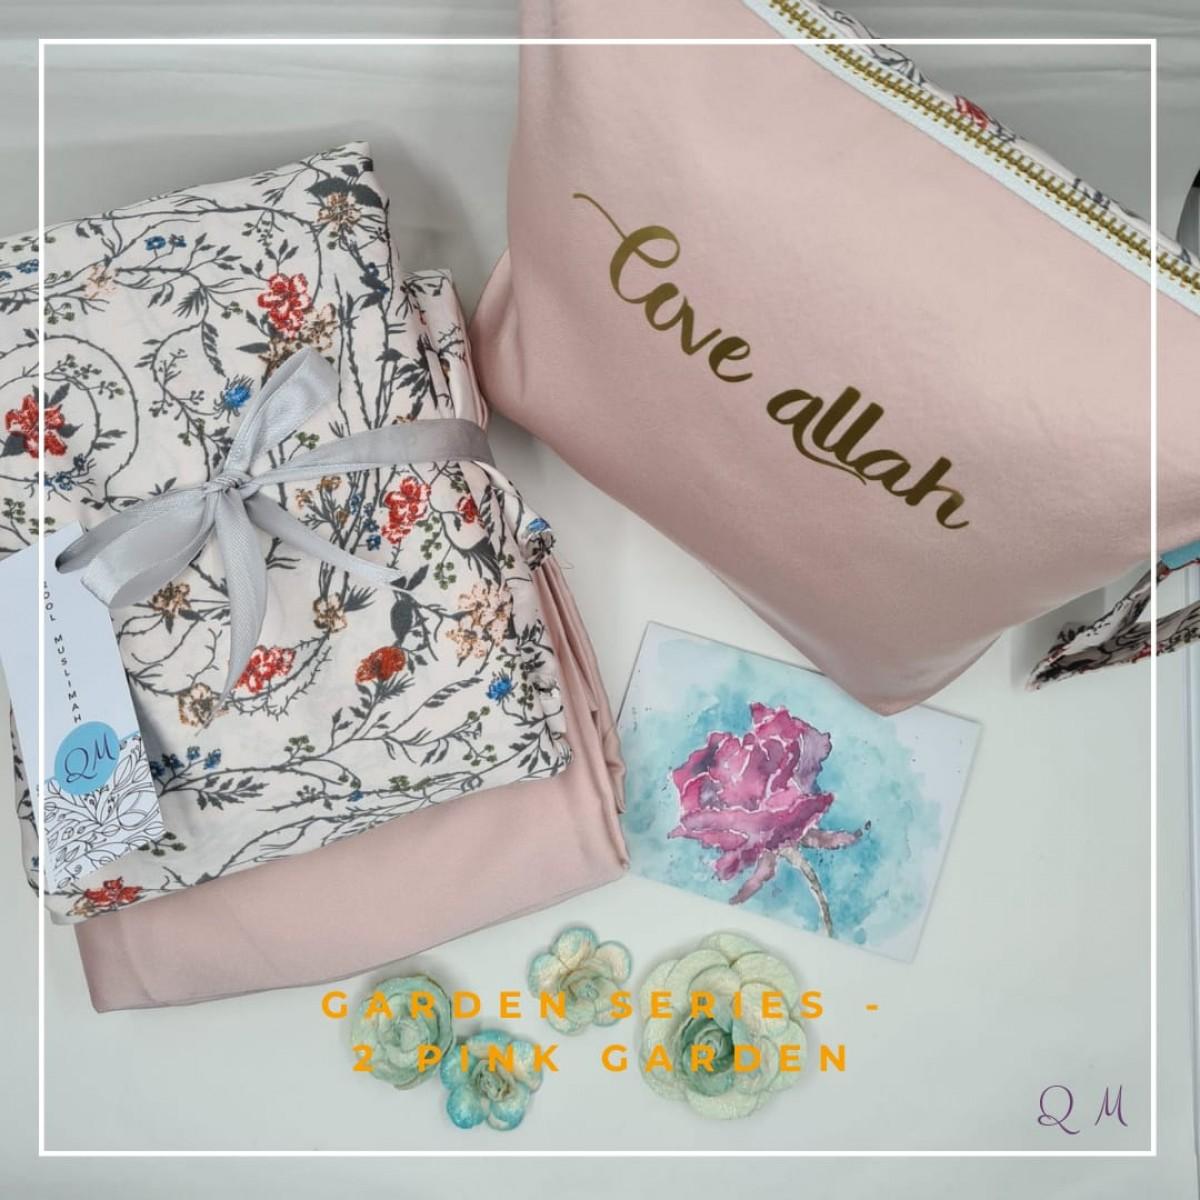 P4. Telekung/Mukena Armani Silk Garden Series - Pink Garden - Qool Muslimah